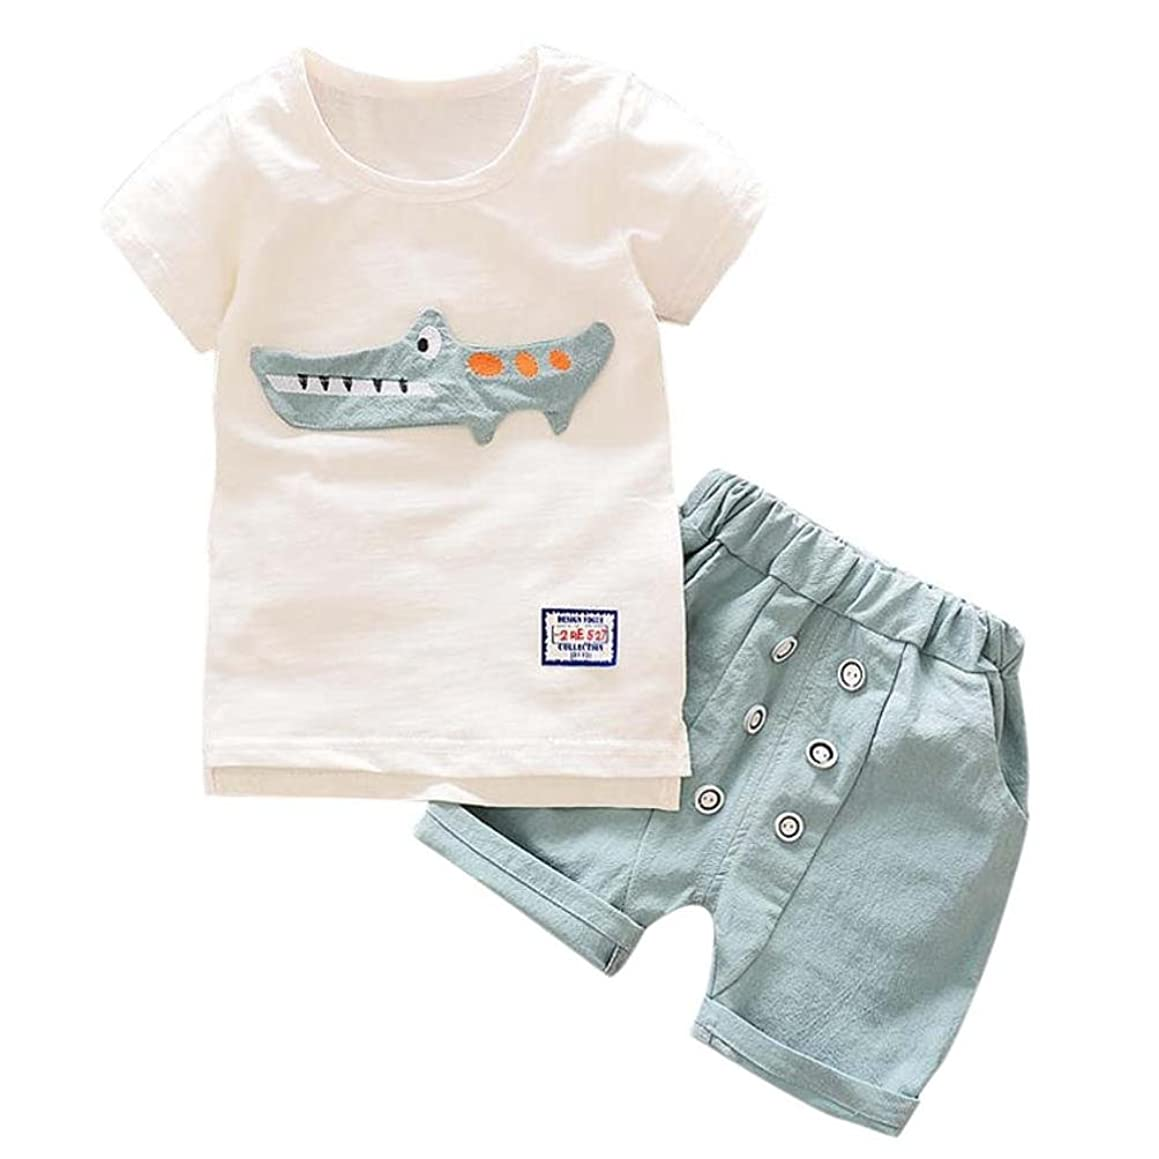 FEITONG Toddler Kid Baby Boy Outfits Clothes Cartoon Crocodile Print T-shirt Tops+Shorts Set